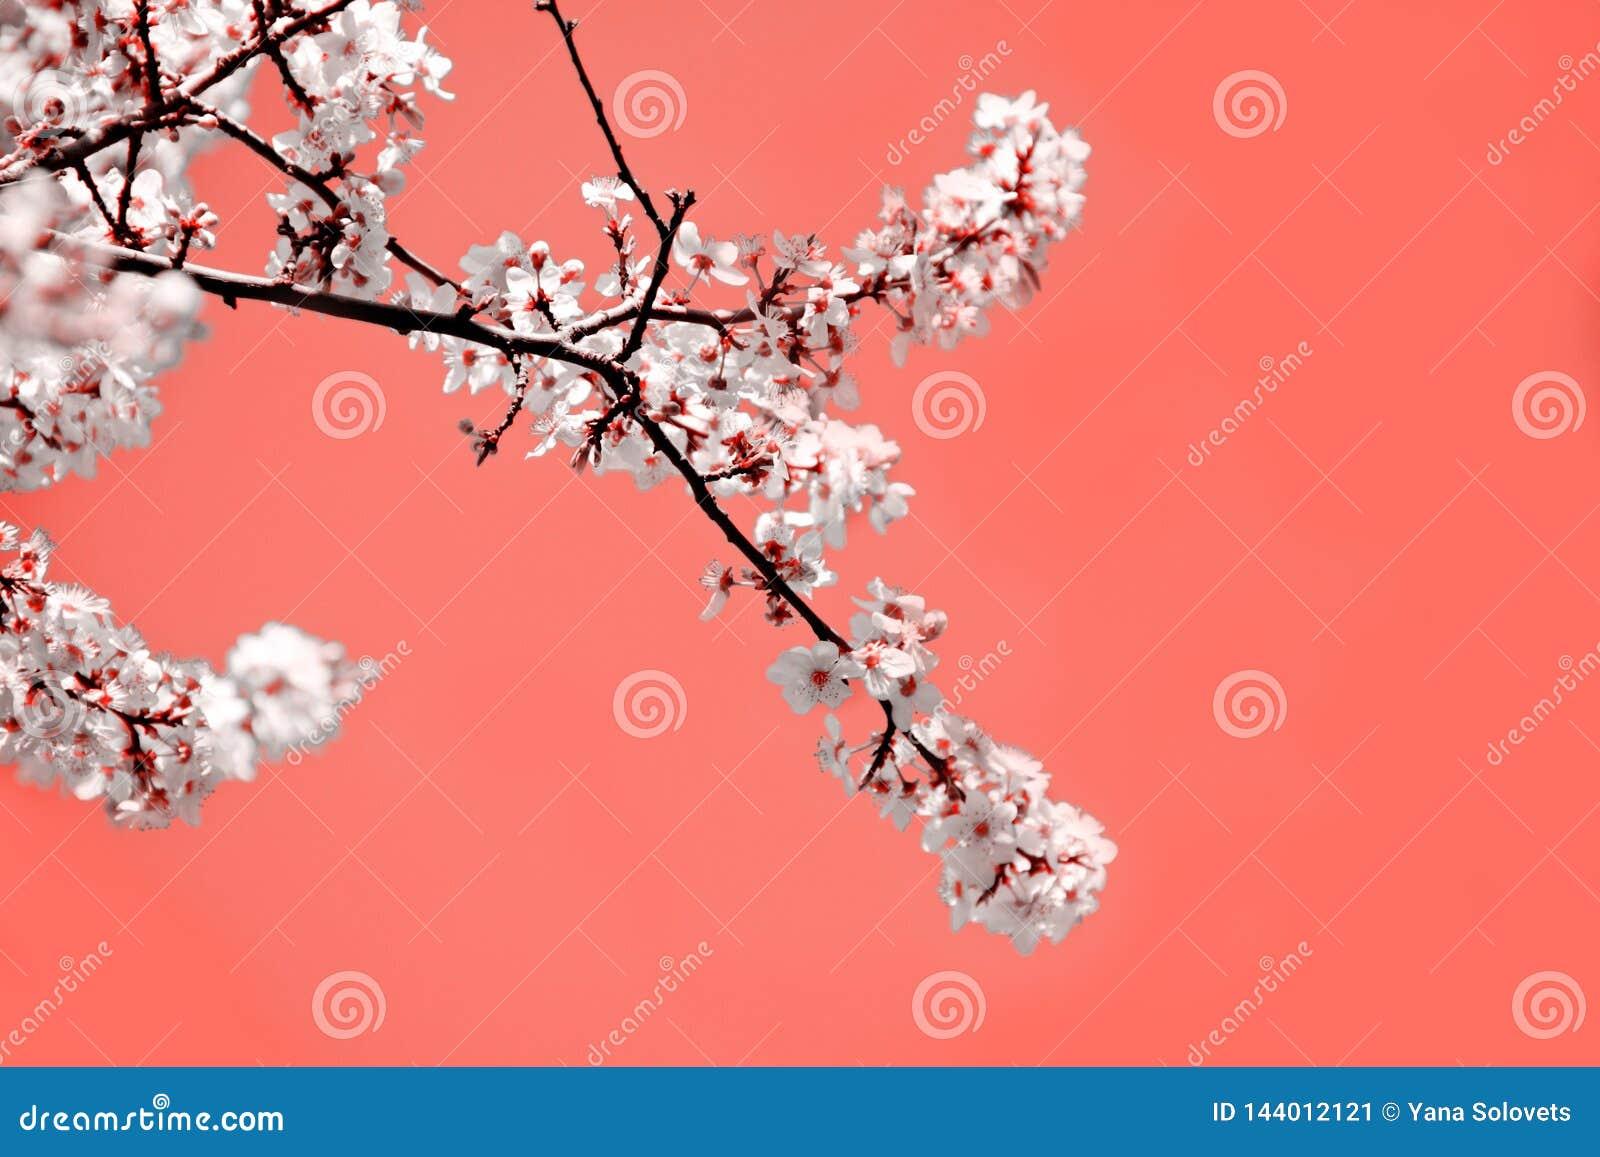 春天心情 与白色开花的樱桃花的珊瑚背景为假日